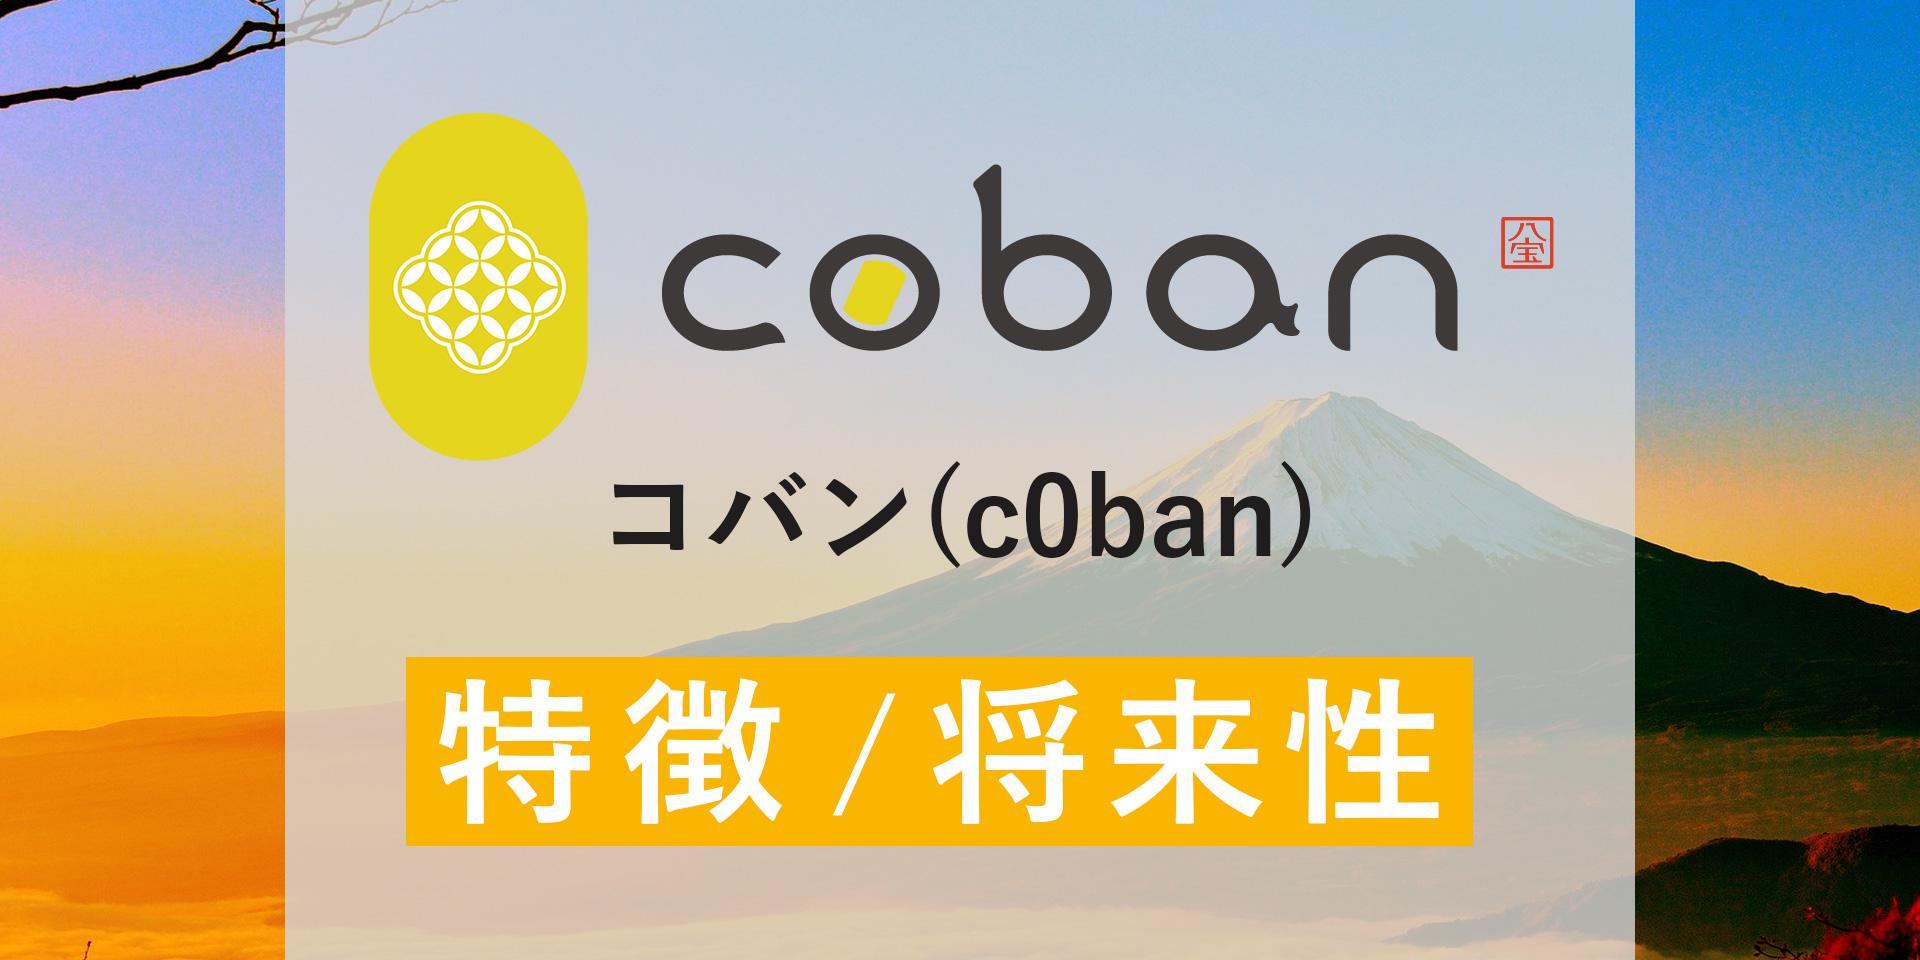 コバン(c0ban)の特徴・将来性